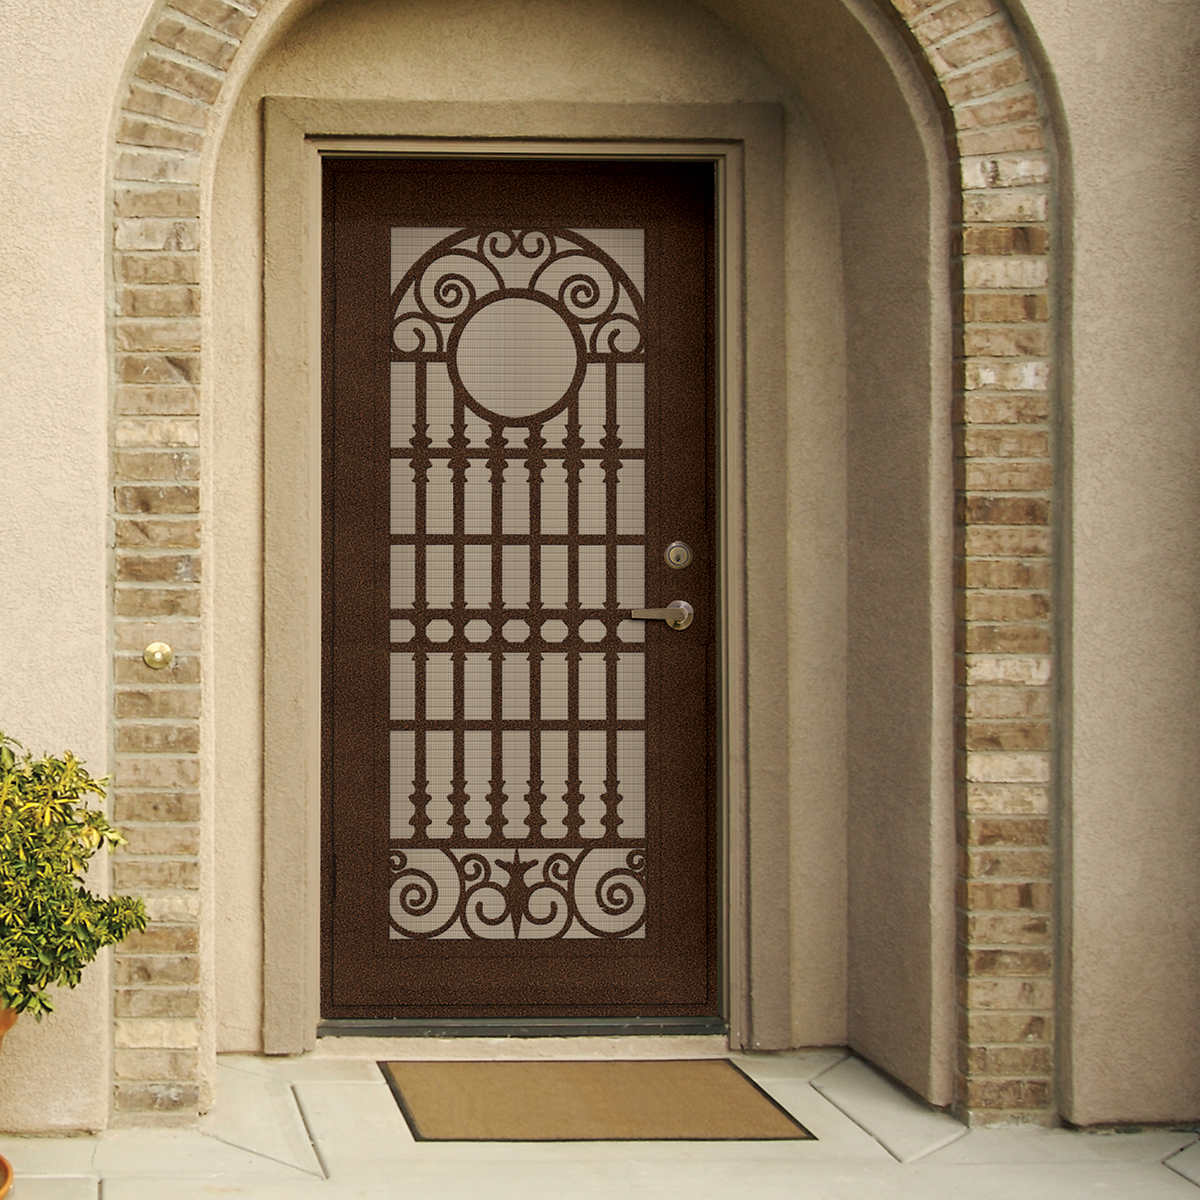 Doors door hardware costco spaniard copperclad 36 x 80 security door vtopaller Image collections